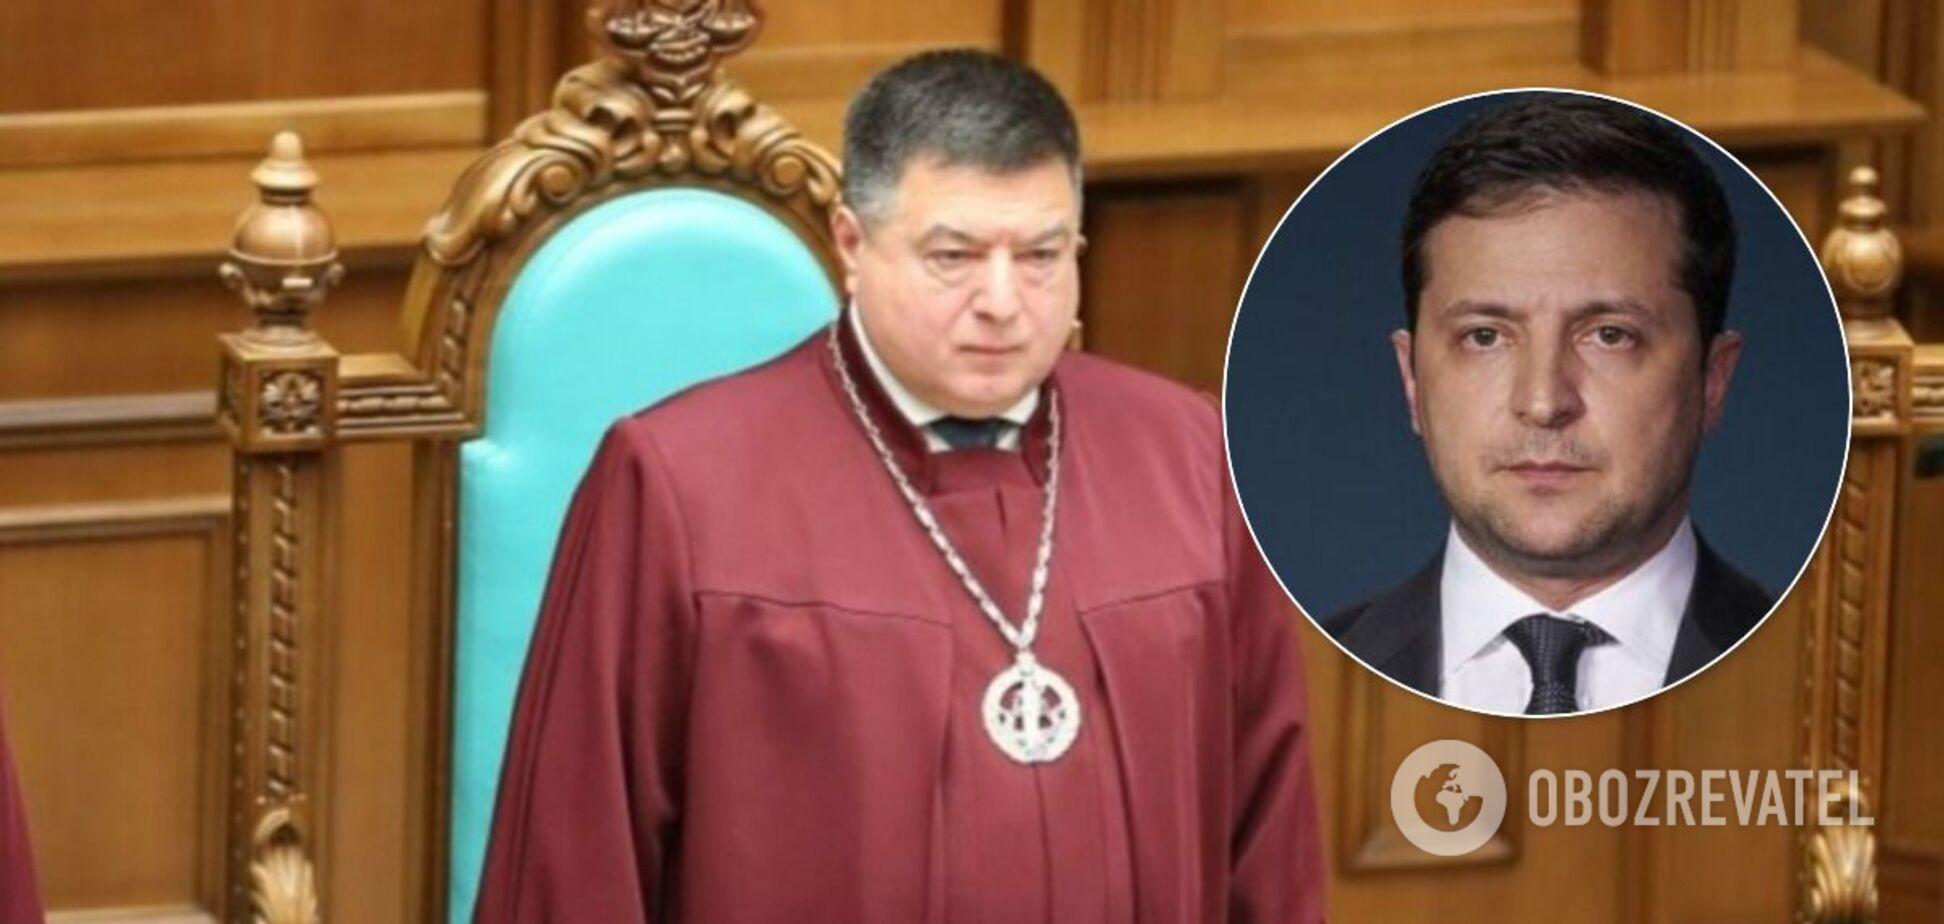 Тупицкий подал в суд из-за указа Зеленского